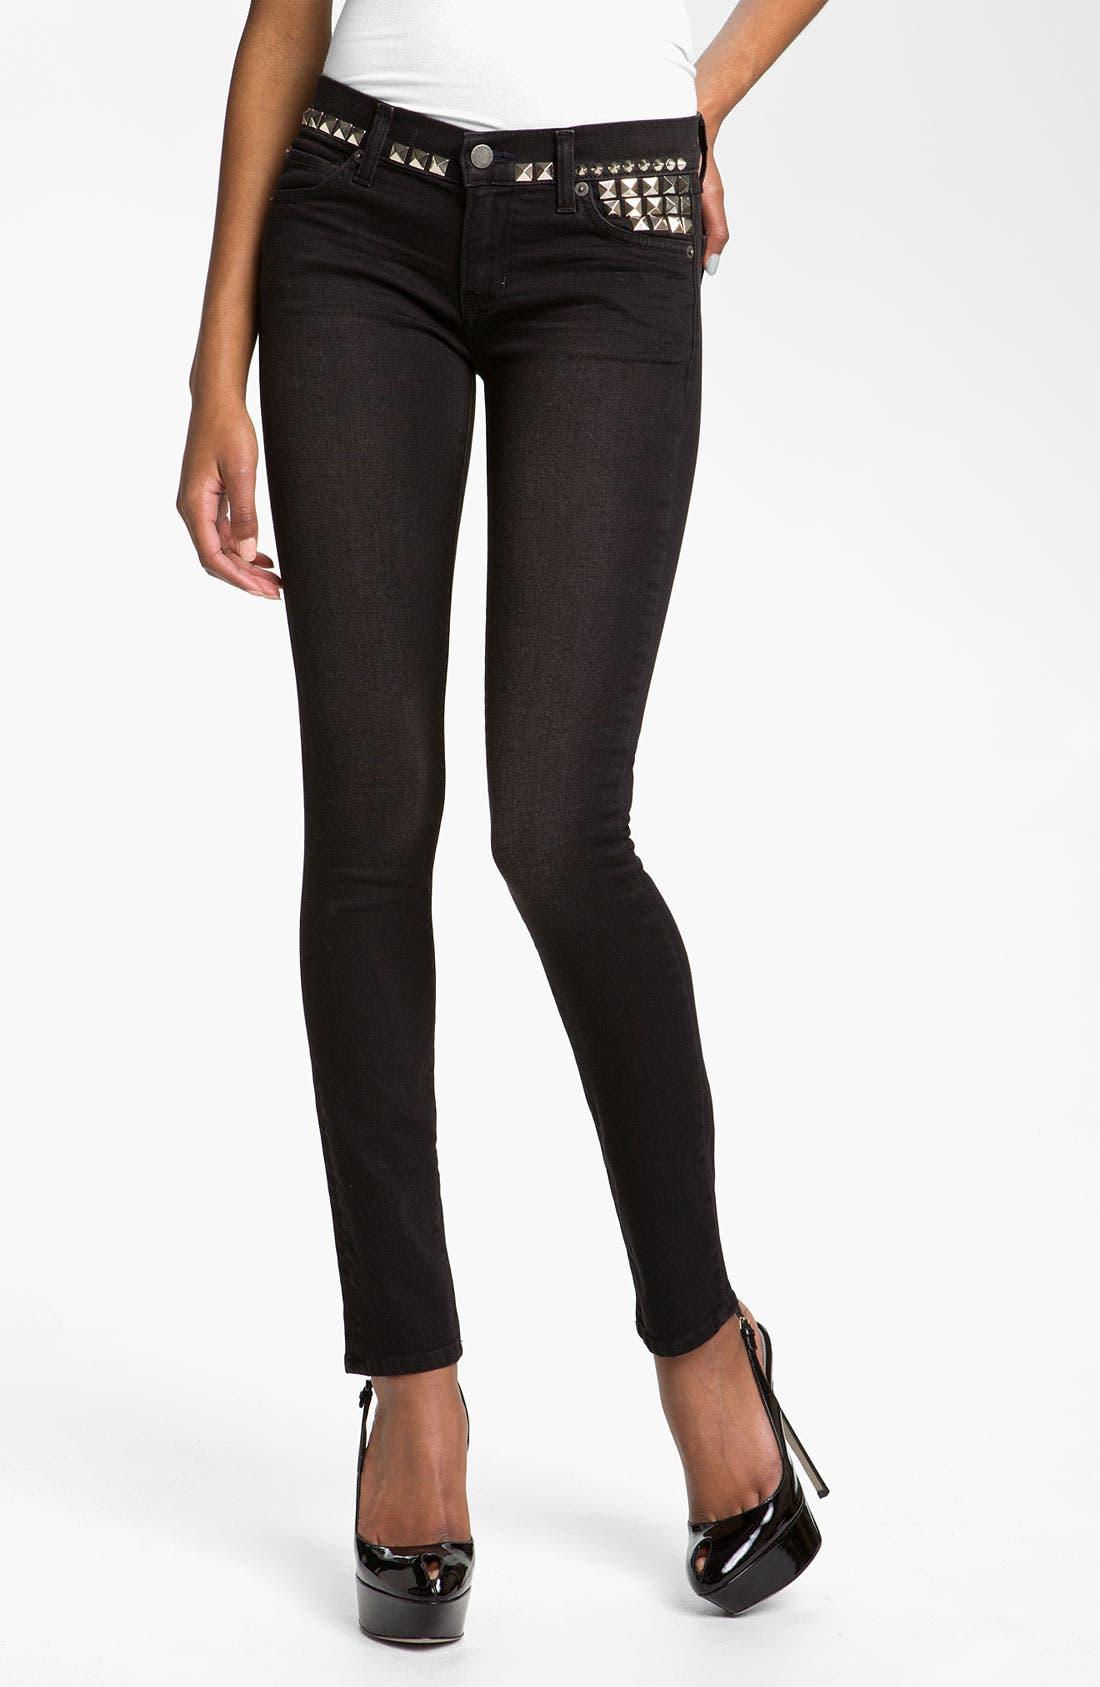 Main Image - TEXTILE Elizabeth and James 'Debbie' Studded Skinny Jeans